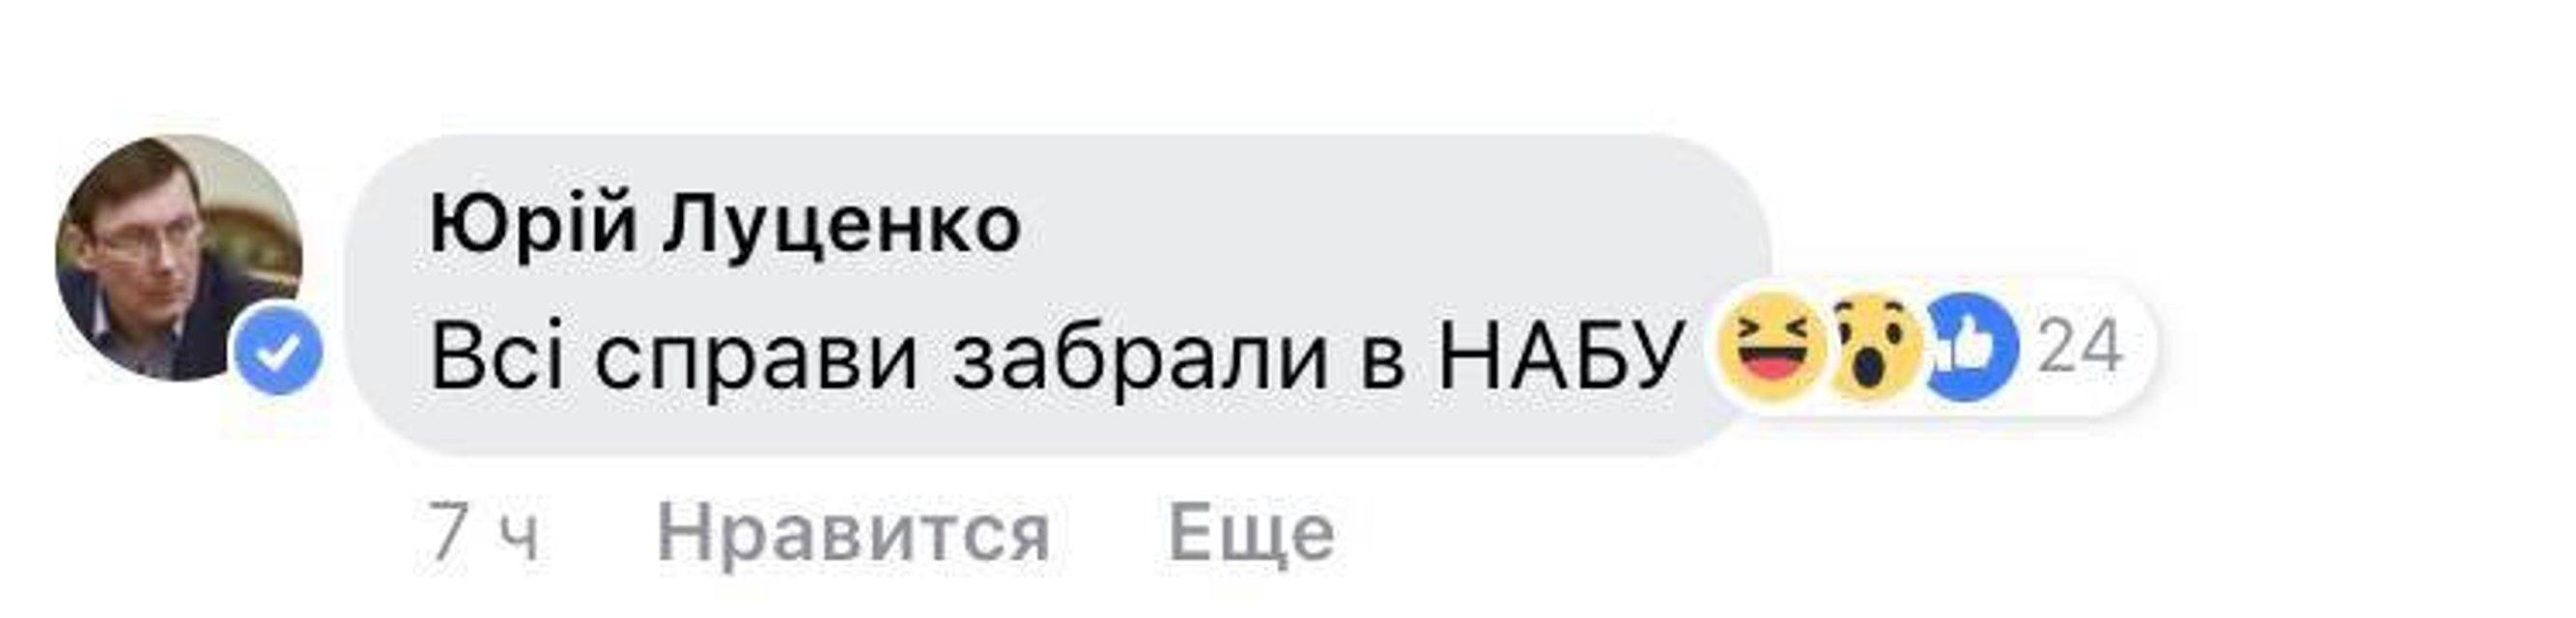 Пленки Онищенко: Луценко попытался оправдать себя - фото 121009